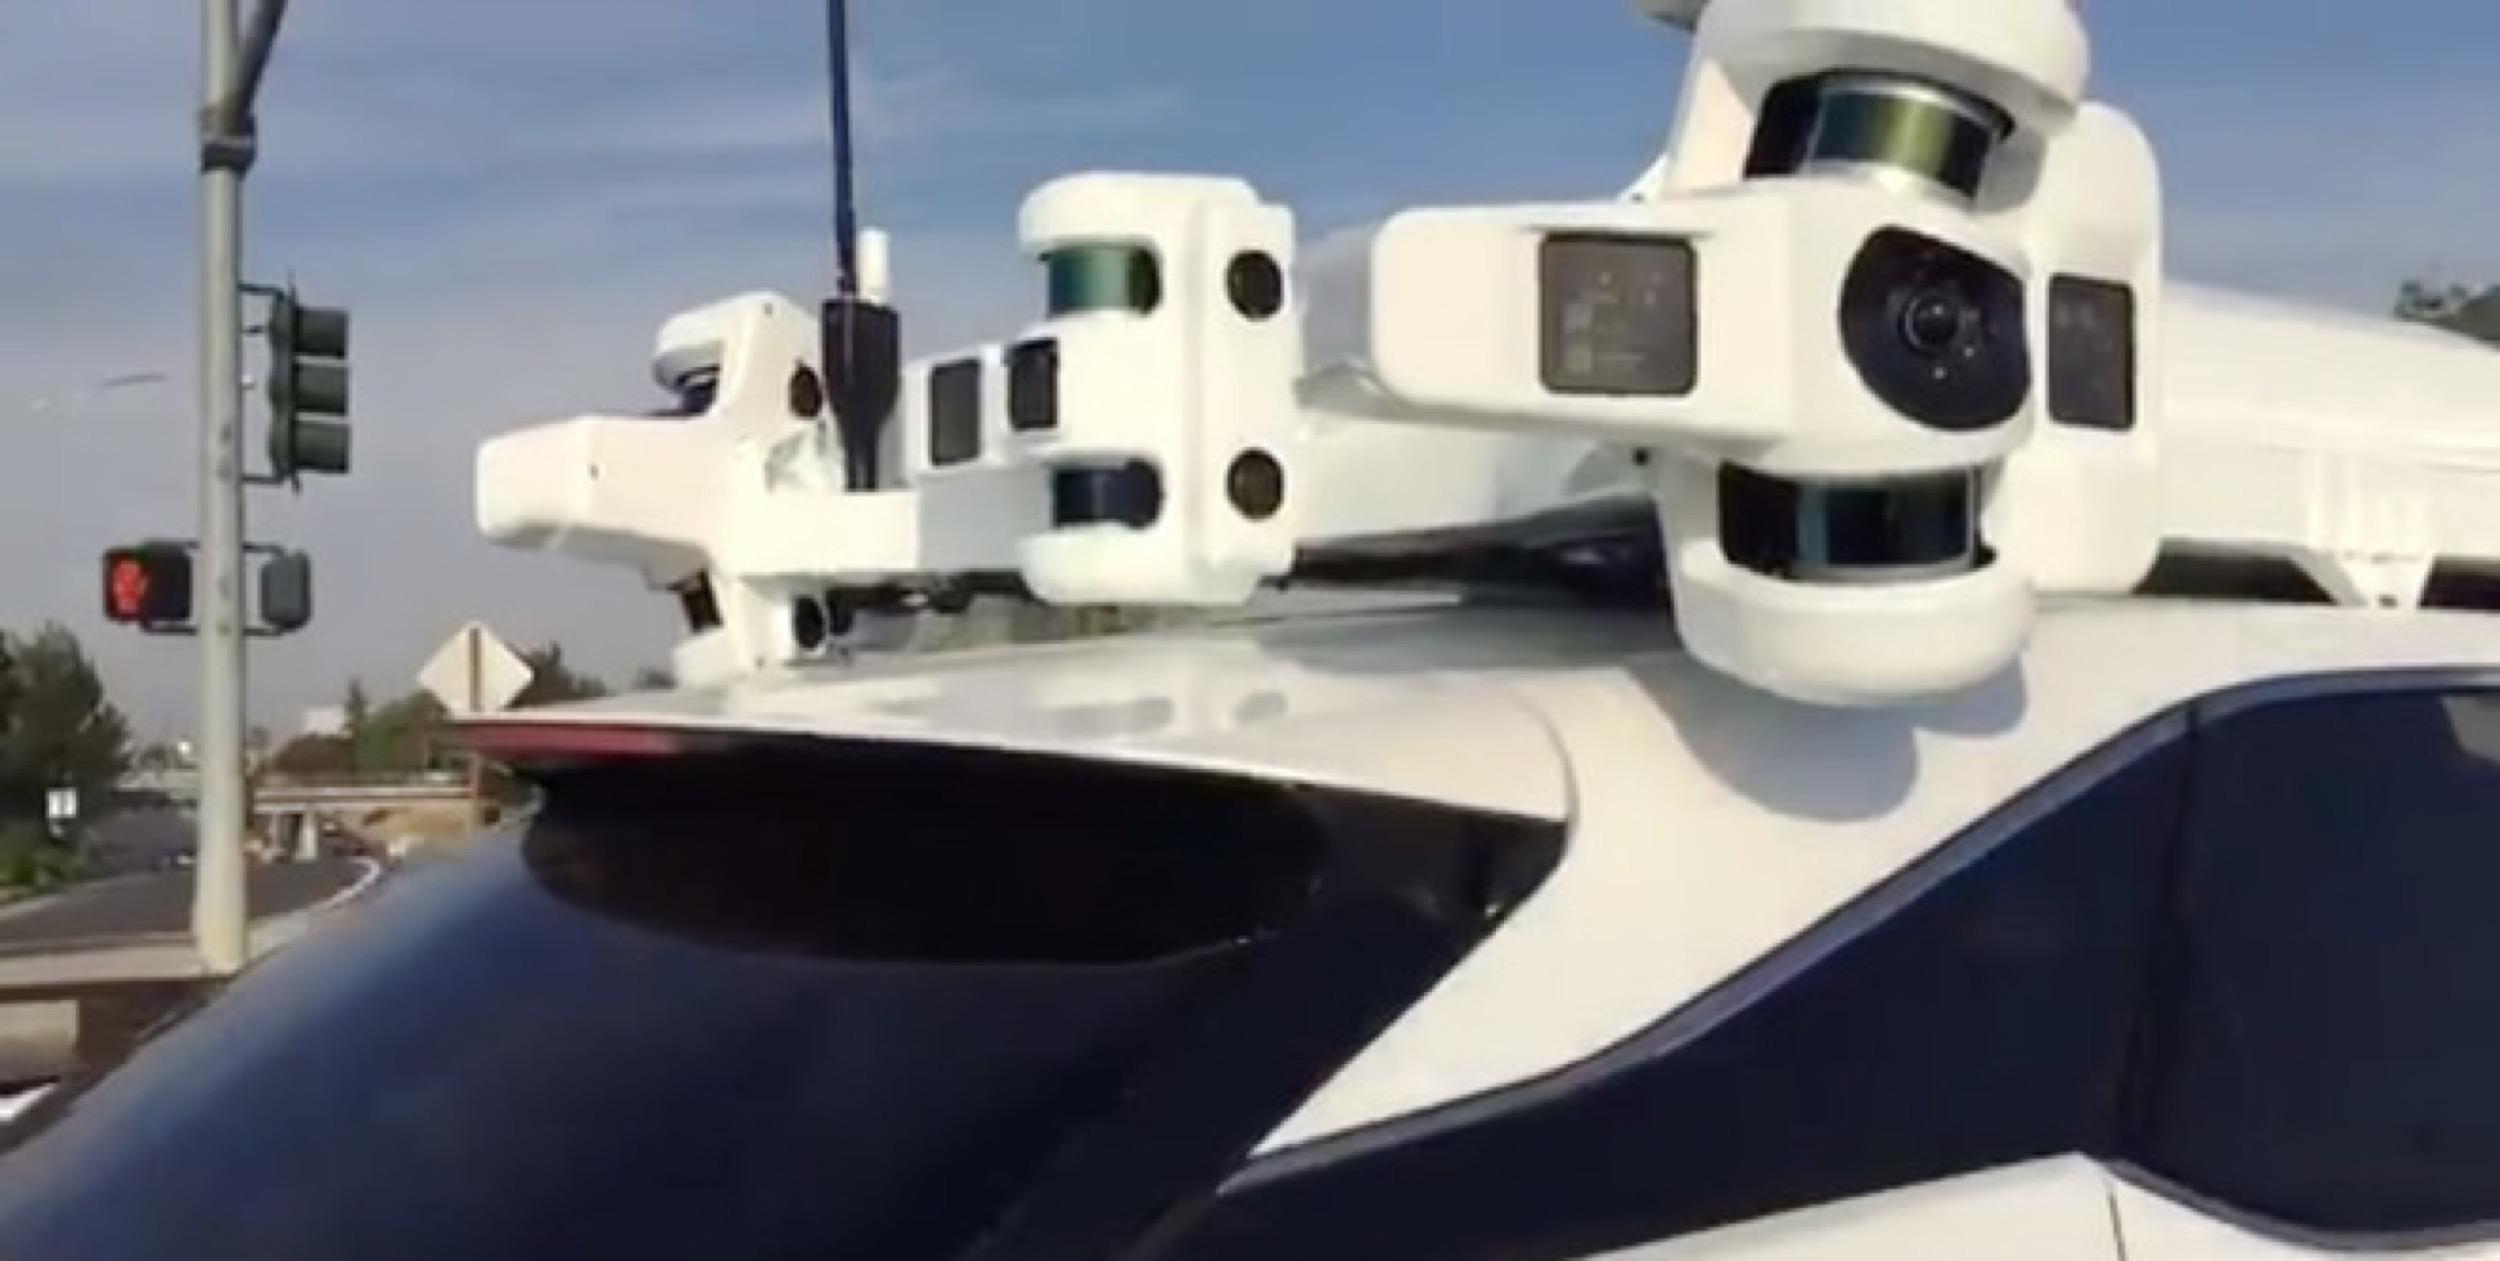 Apple partage des détails sur l'architecture adoptée pour la conduite autonome 1